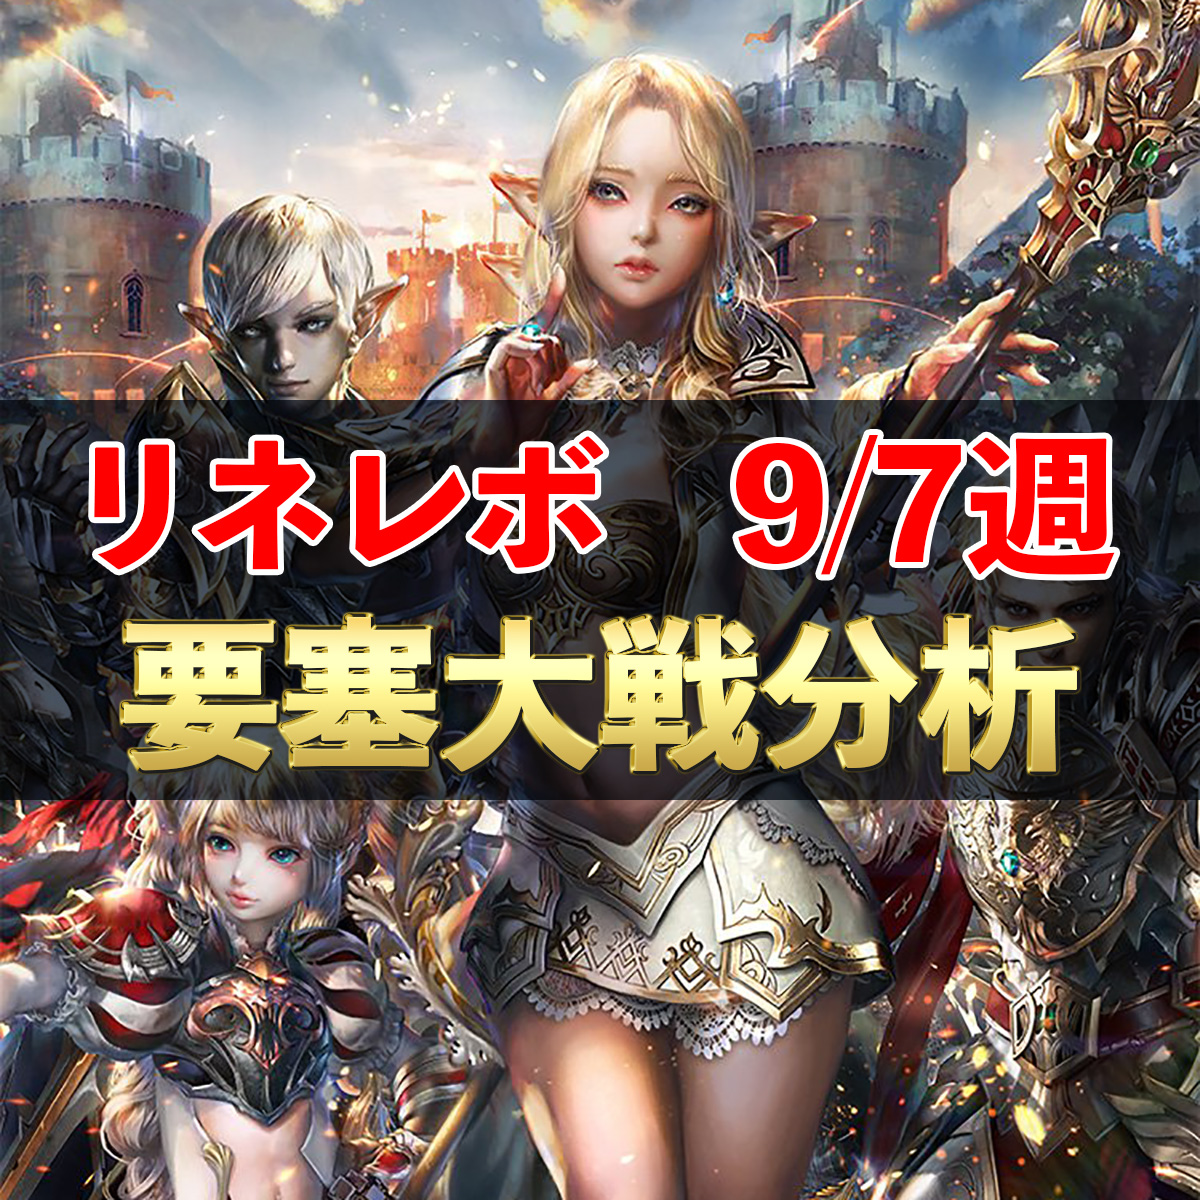 【リネレボ】9/7週 要塞大戦戦績分析